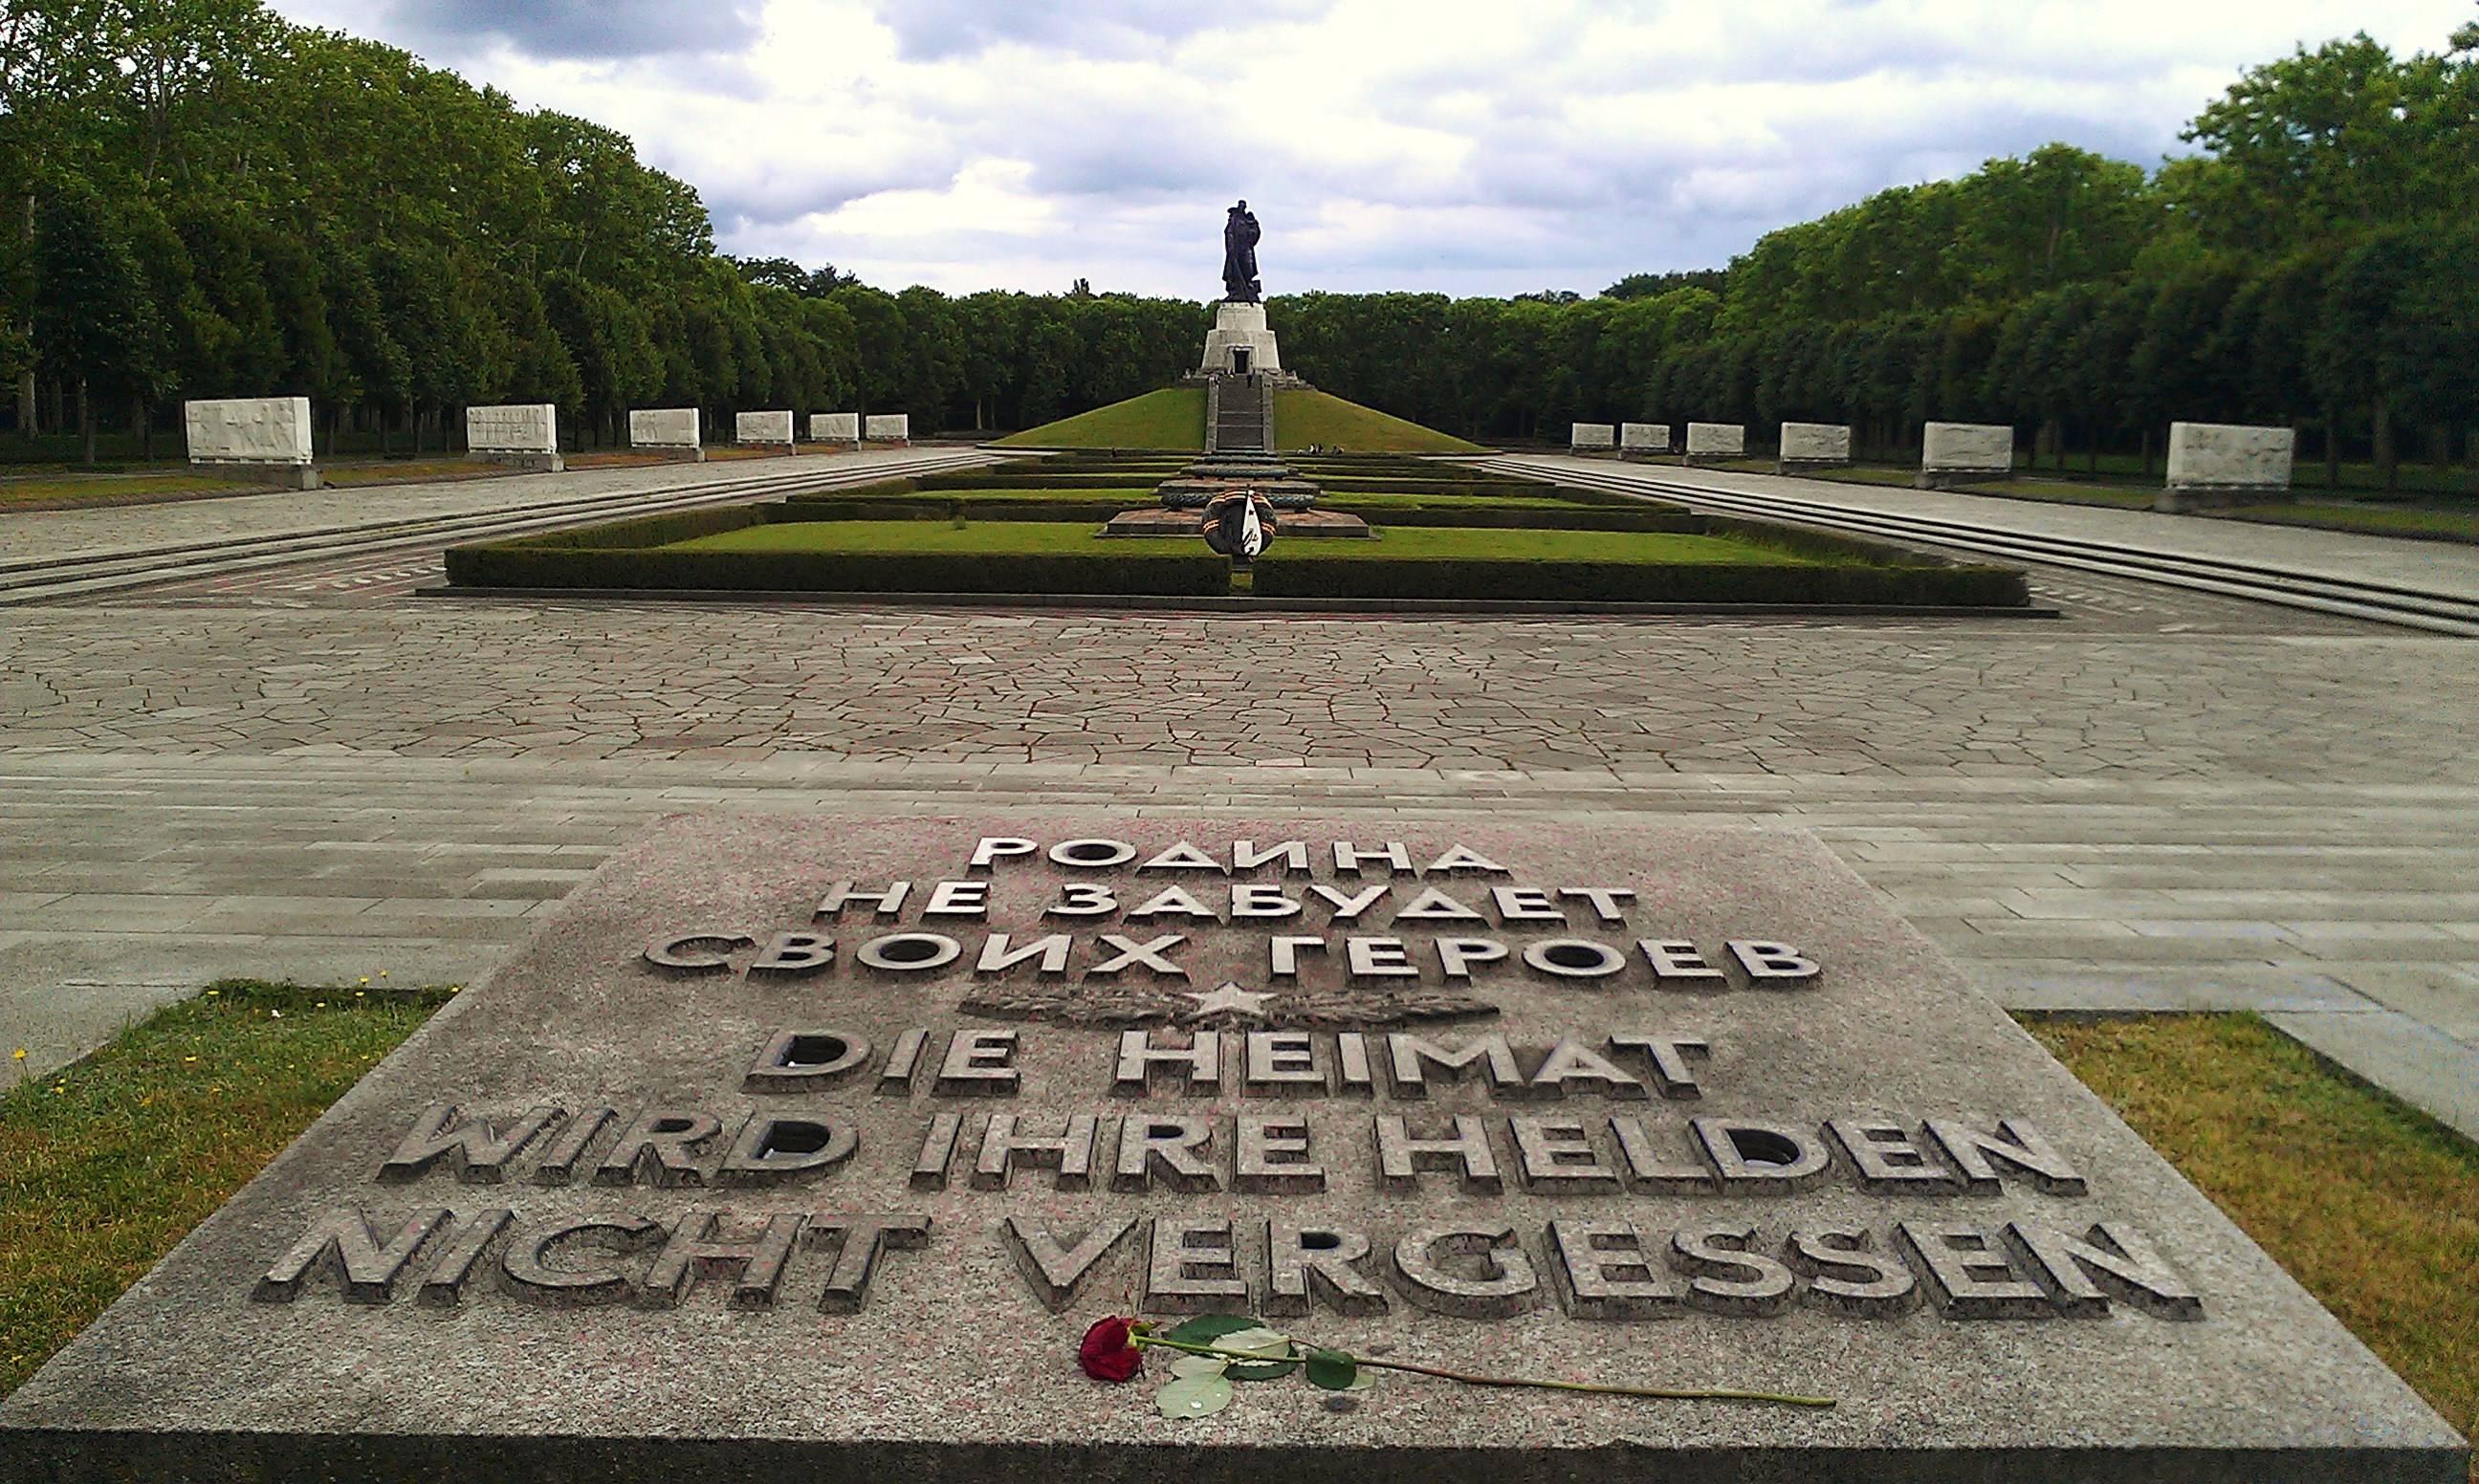 Советский военный мемориал и памятник воину-освободителю в трептов-парке в берлине. фото